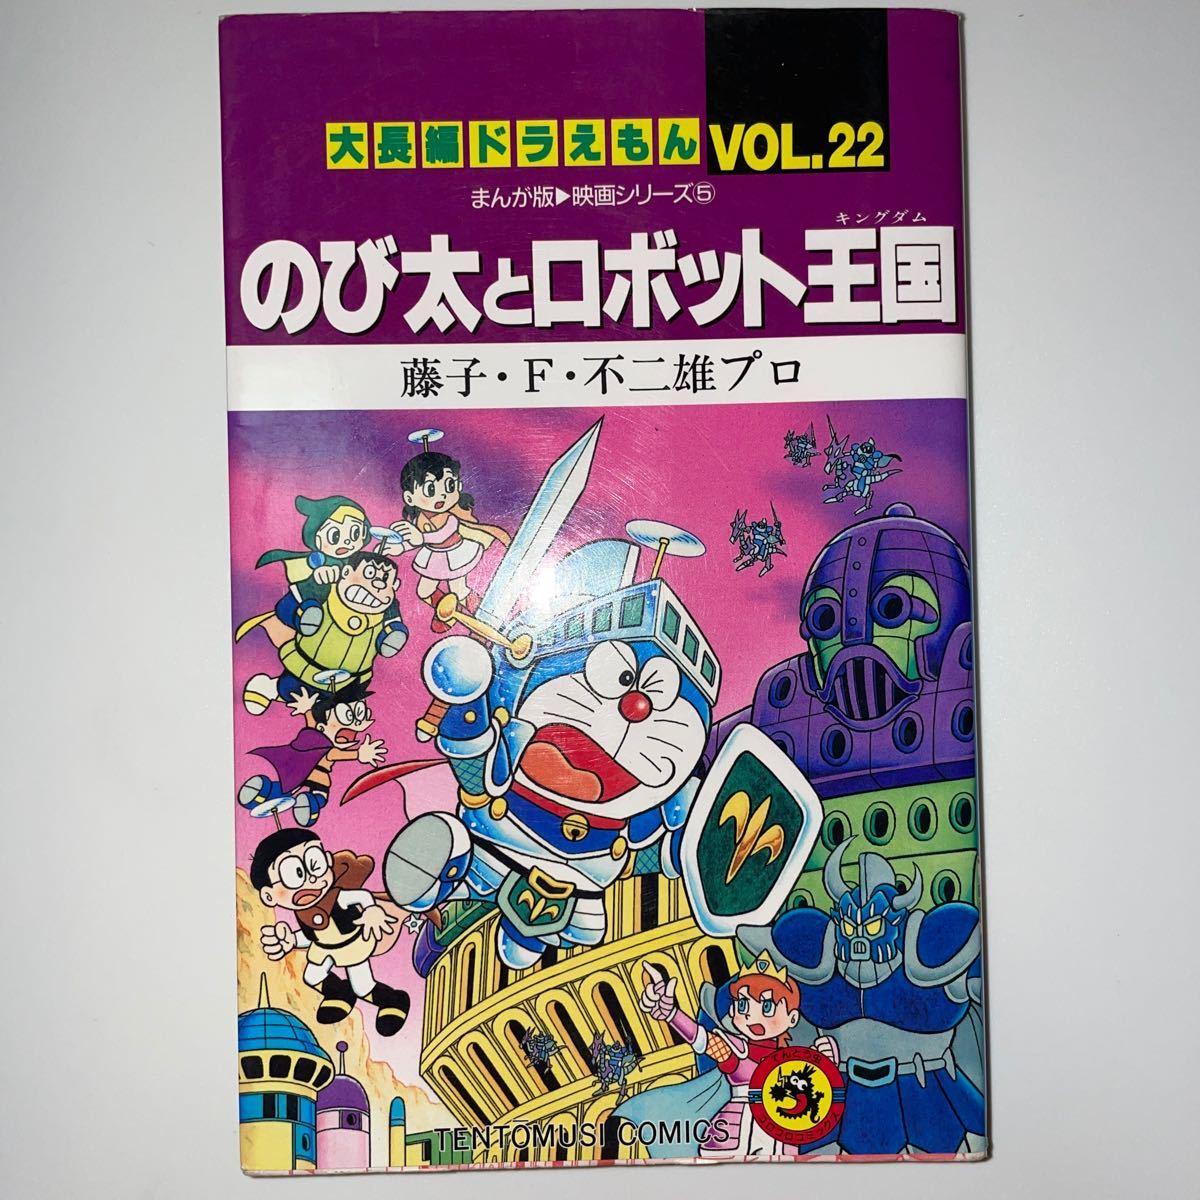 大長編ドラえもん のび太とロボット王国 VOL.22 初版